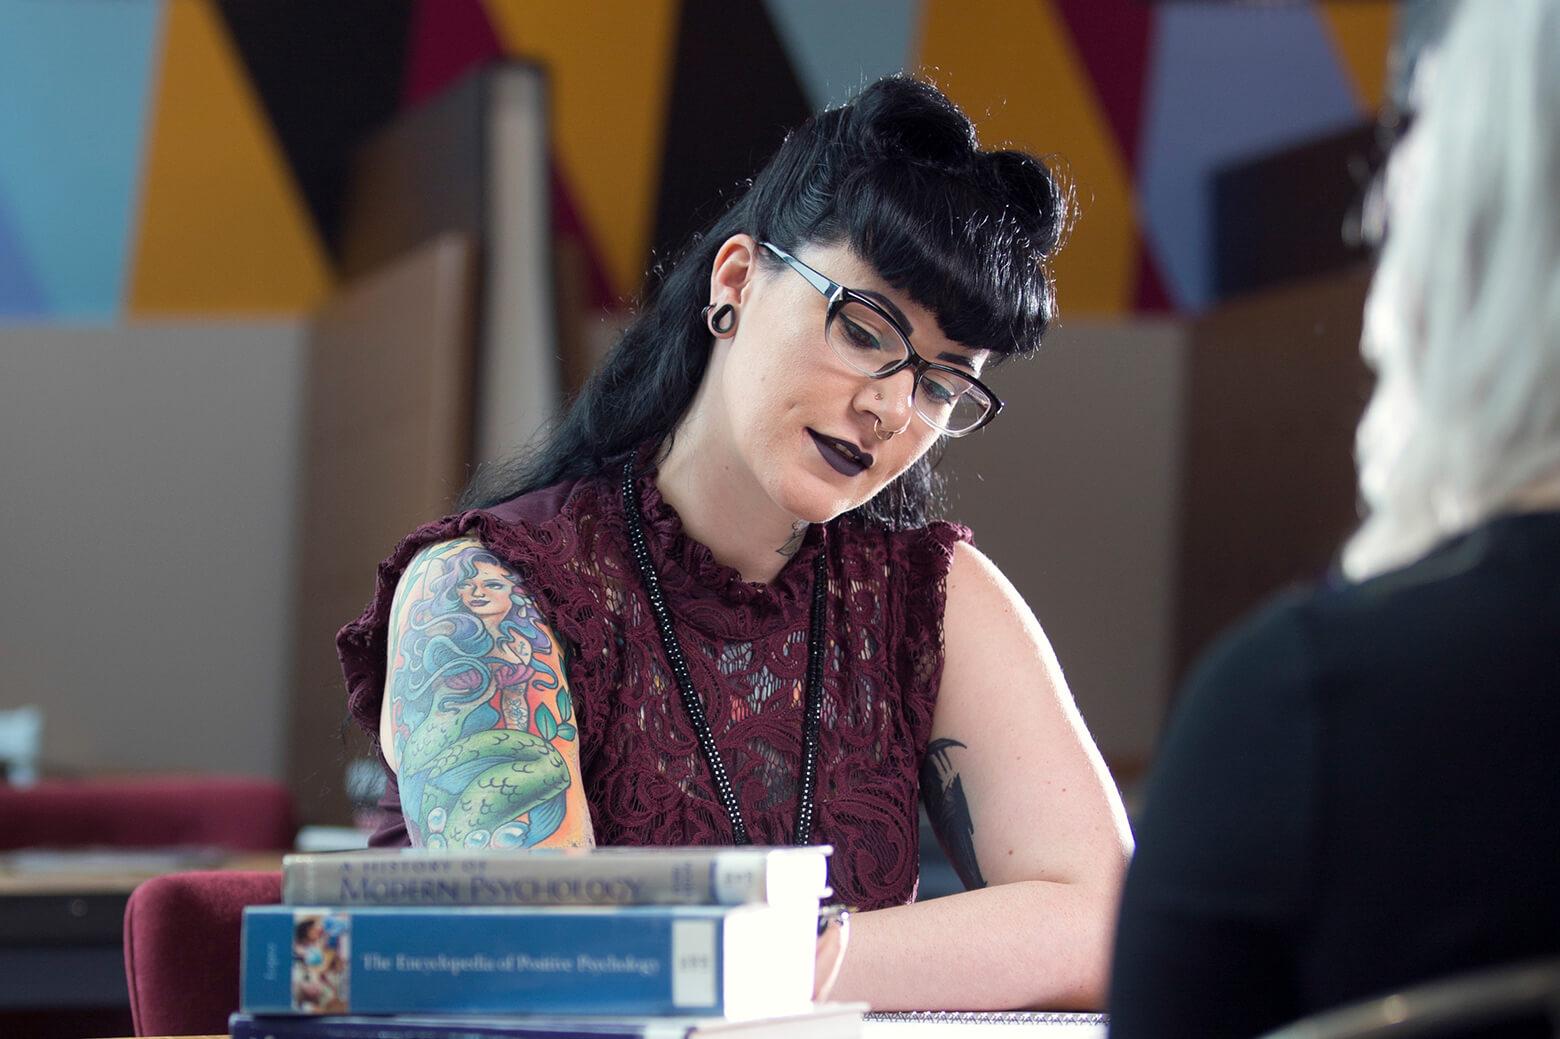 Psychology lecturer Rebecca Owens